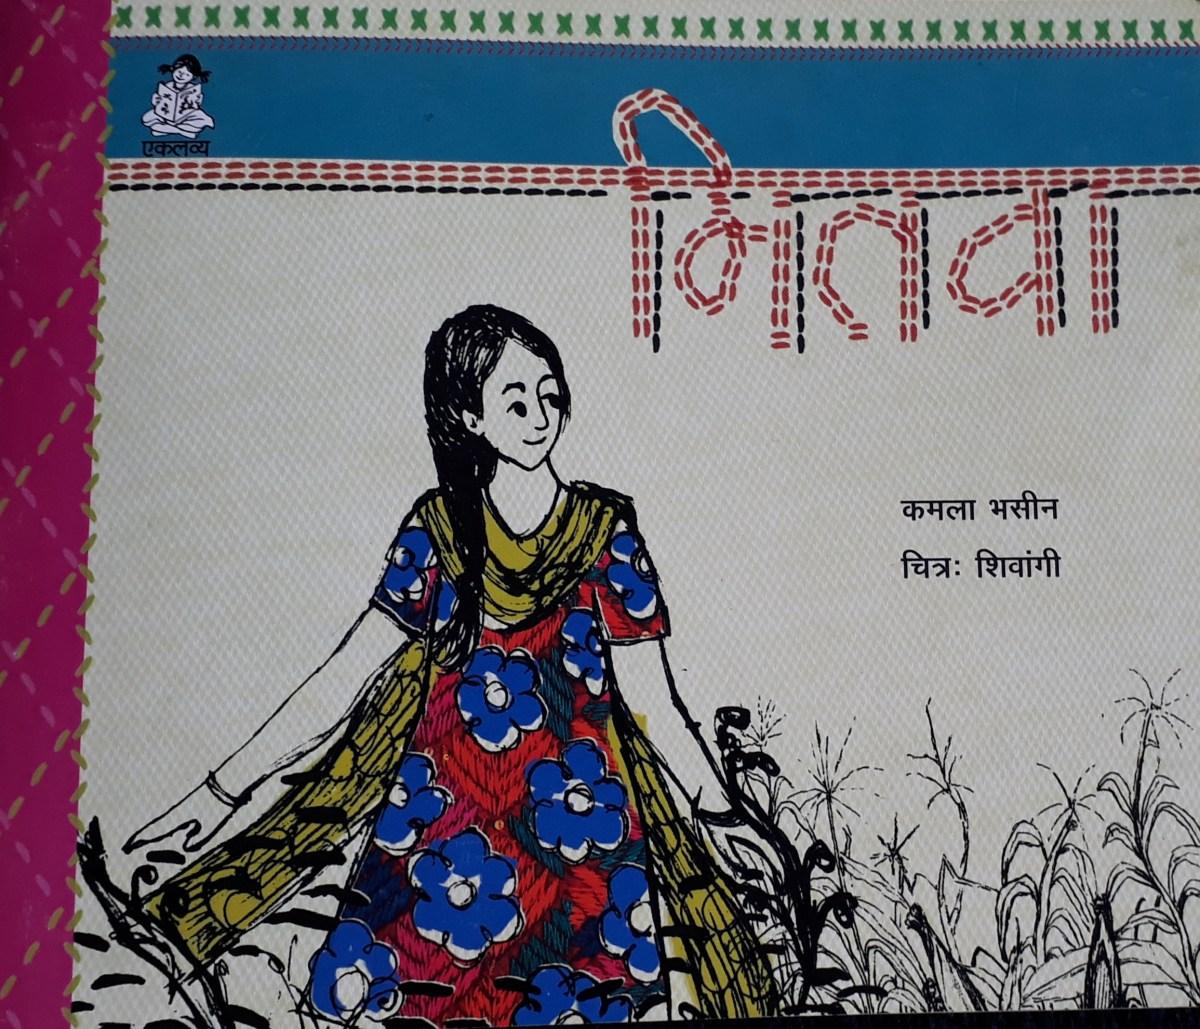 मितवाः बग़ैर 'दंगल' लड़की व लड़के के बीच भेदभाव पर सोचने को मजबूर करती एक कहानी